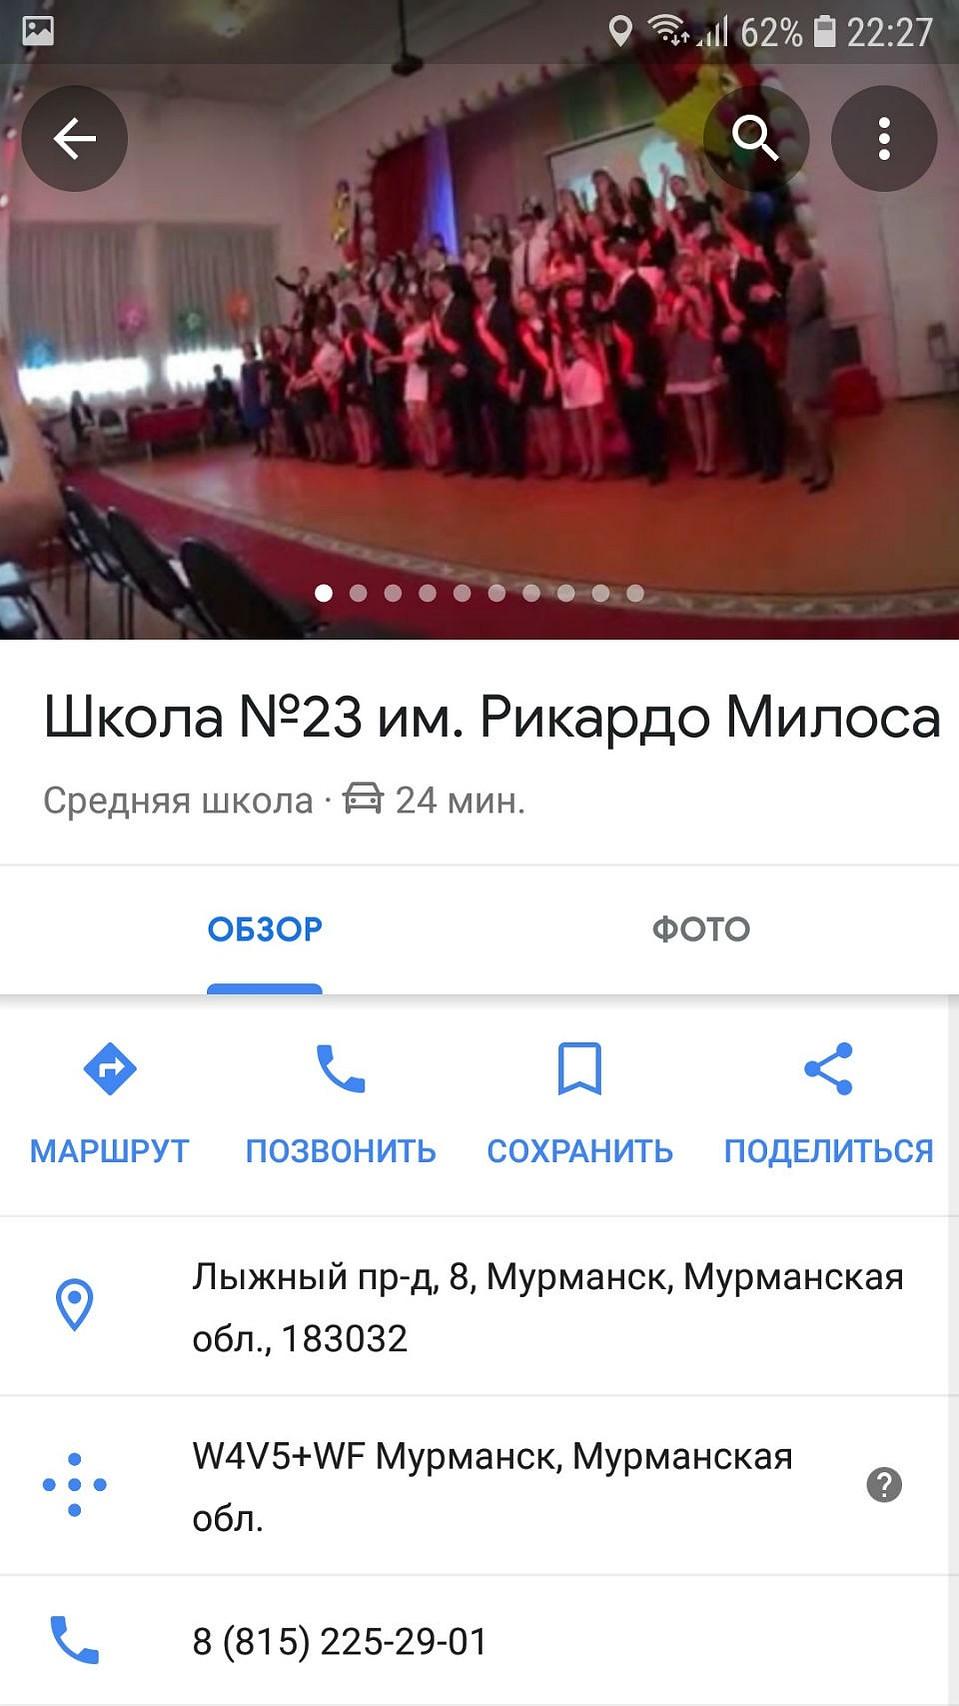 гугл карты москва проложить маршрут если ты будешь не занят анидаб